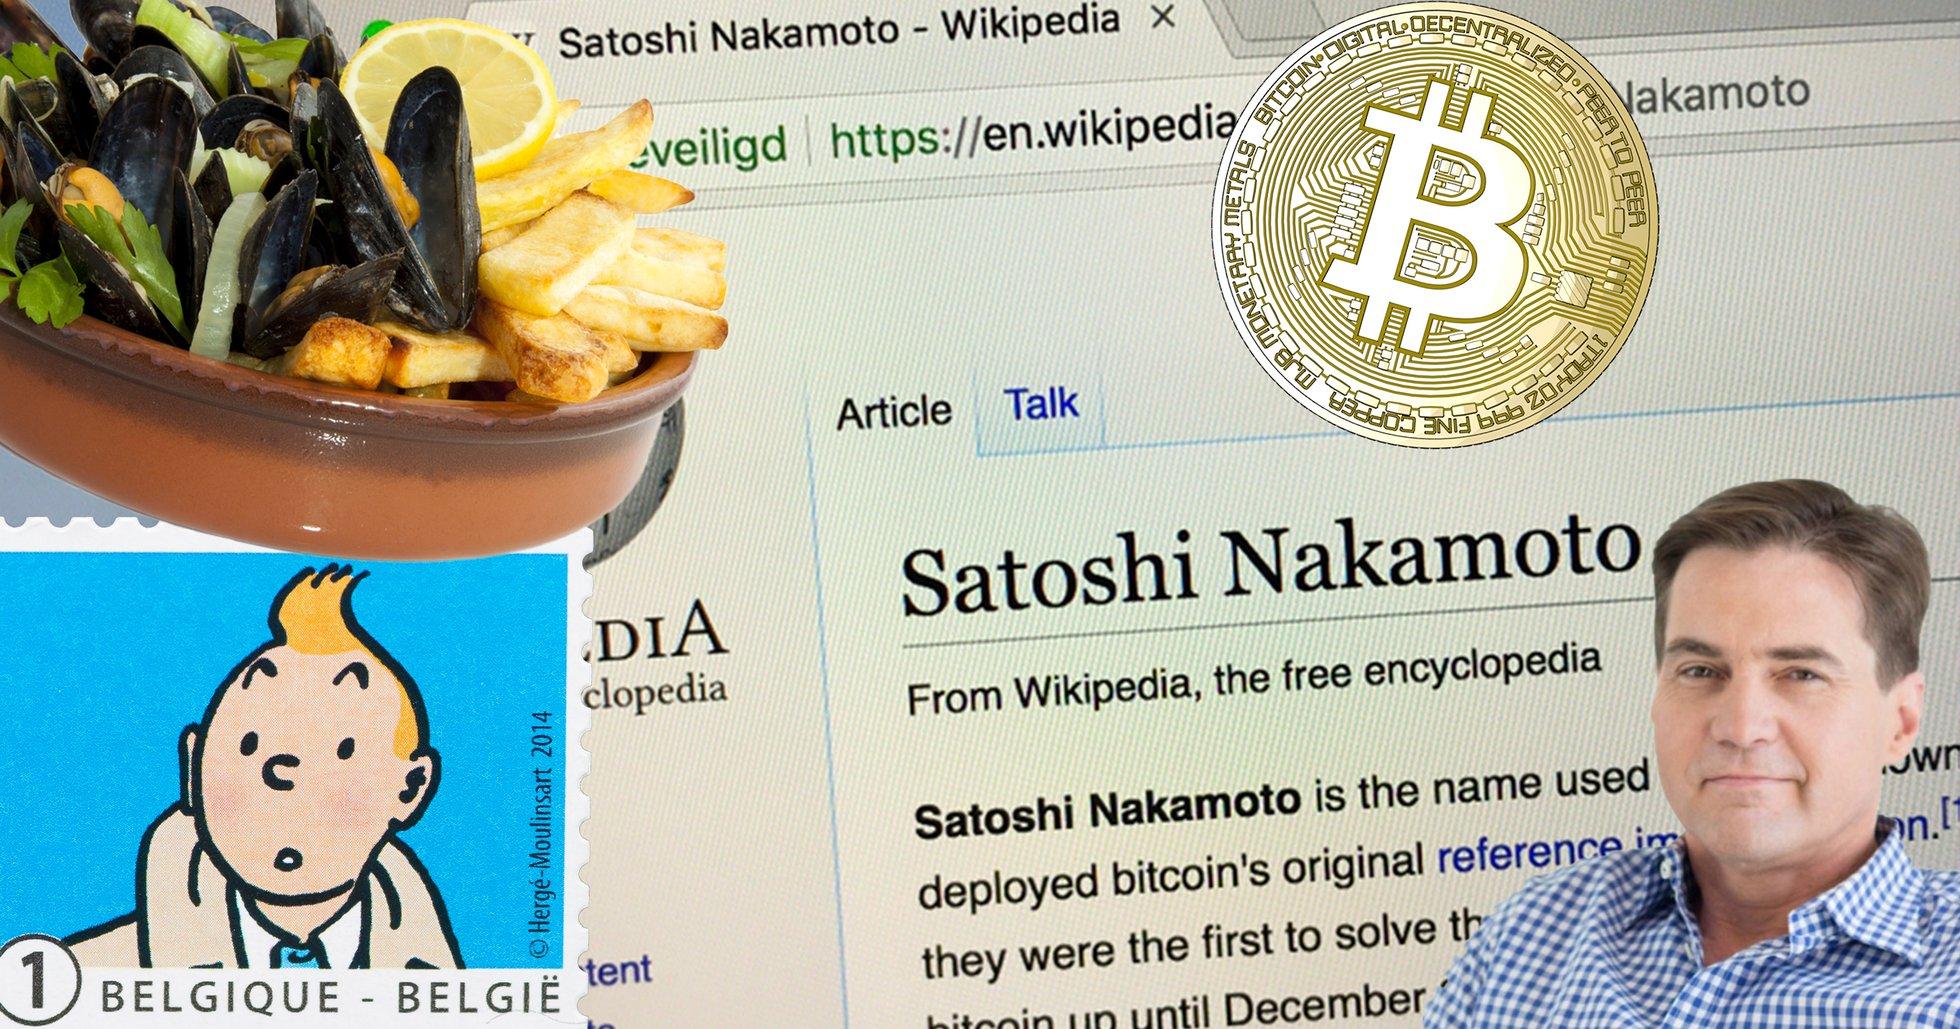 Nya vändningen i Wright-rättegången: Belgare hävdar att han är Satoshi Nakamoto